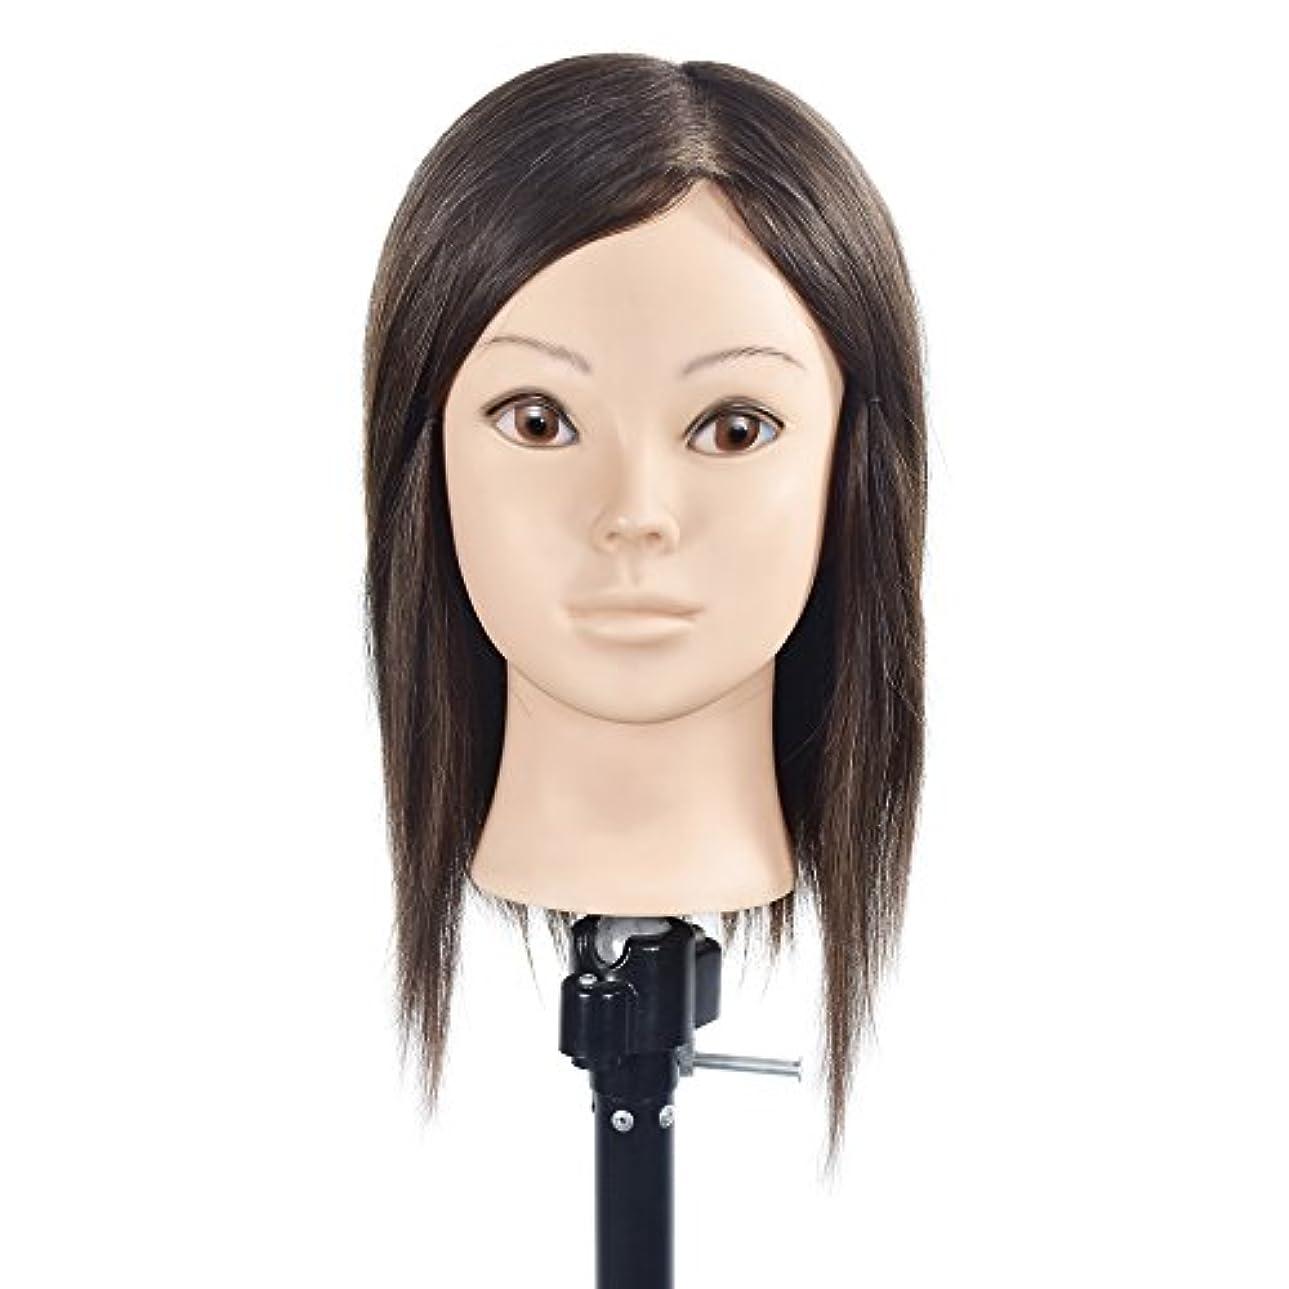 トレーニングヘッド美容師100%リアルヒューマンヘアスタイリングマニアックマネキン人形(フリーテーブルクランプ付)